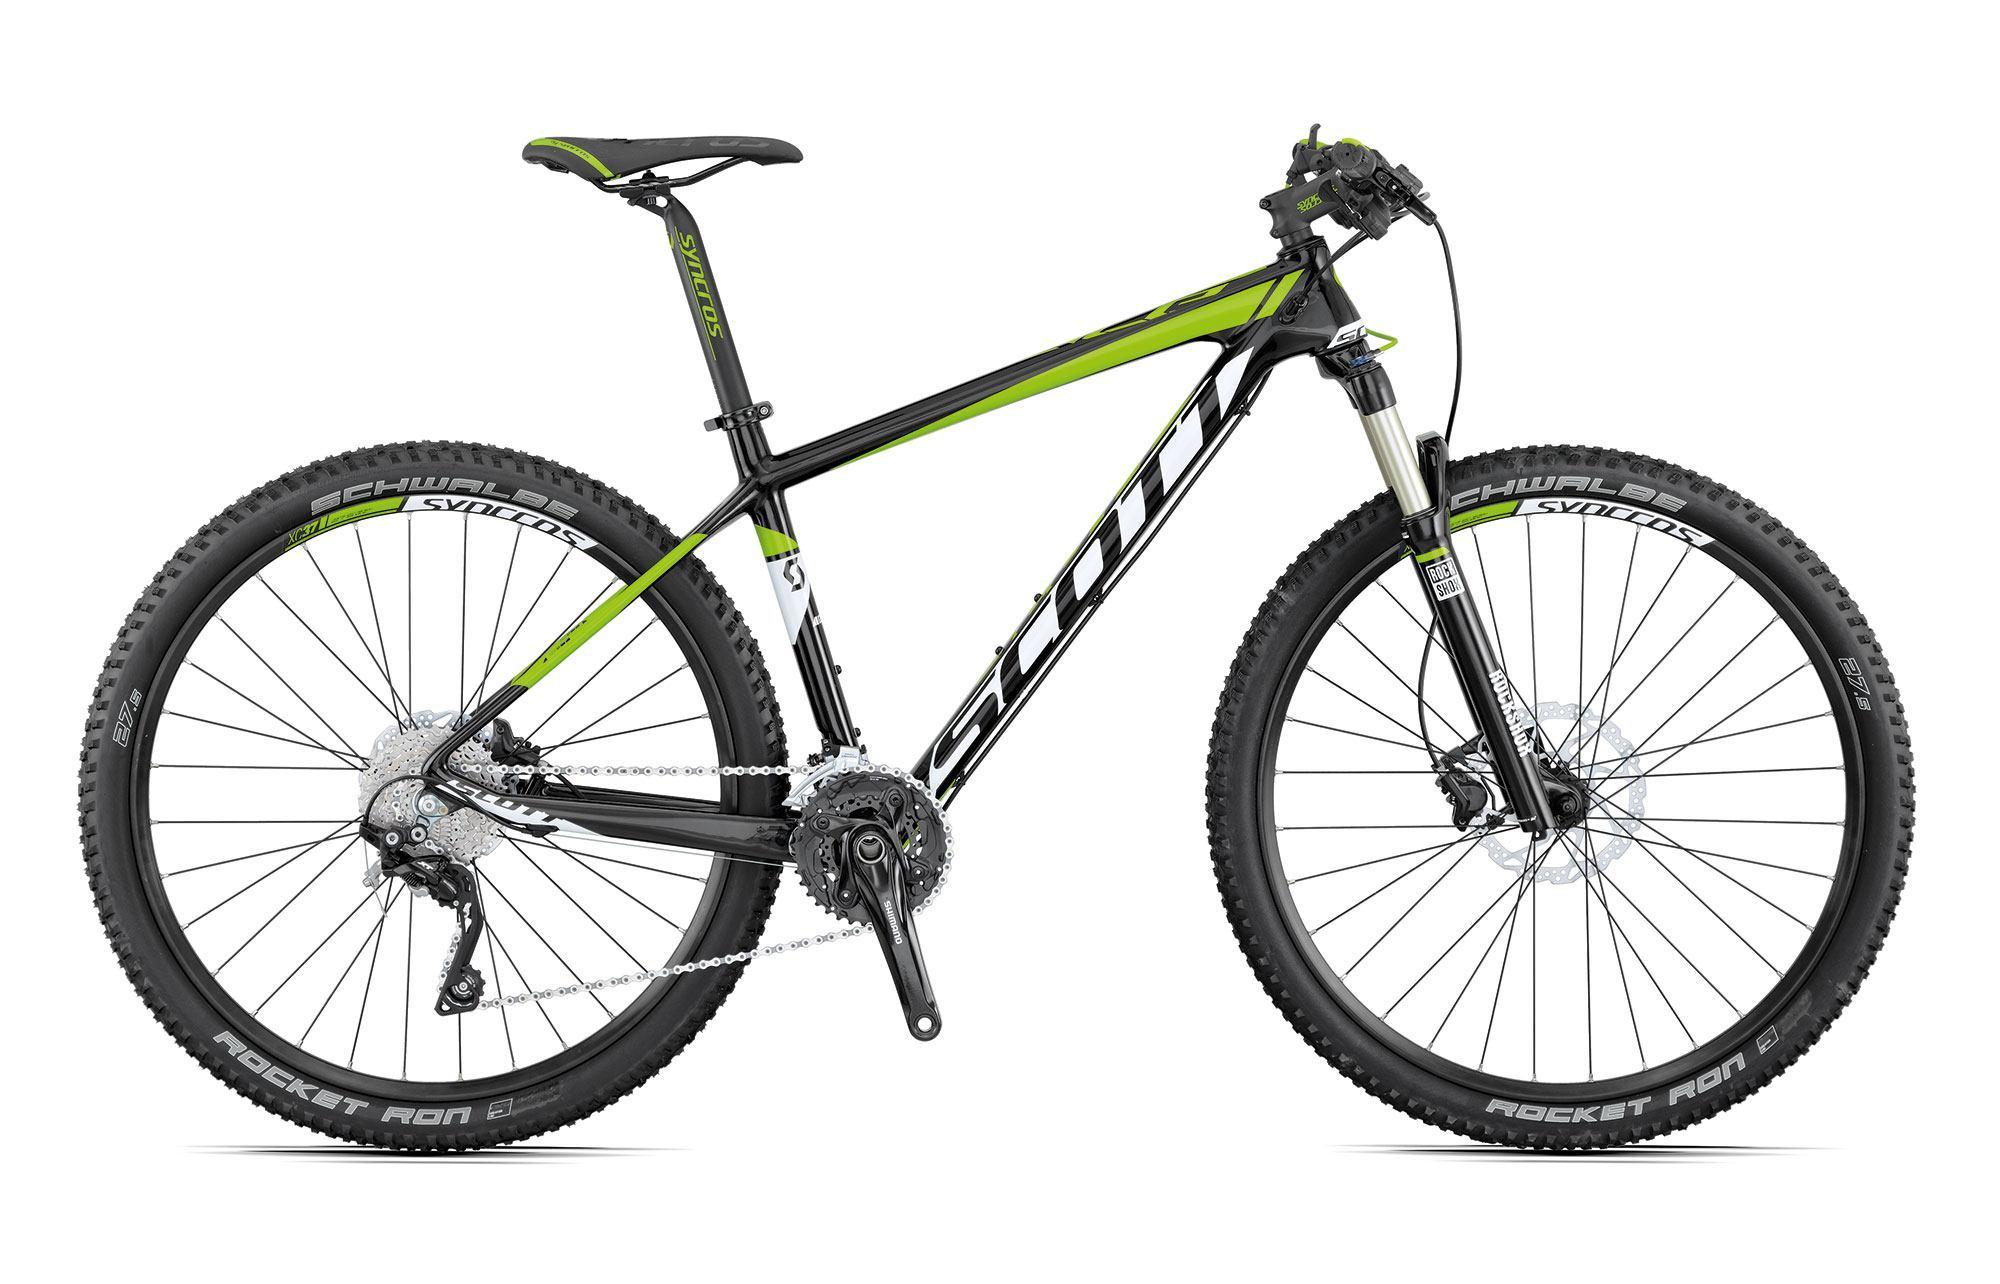 f5cb30a49fa 2015 Scott Scale 735 Bike | R&A Cycles